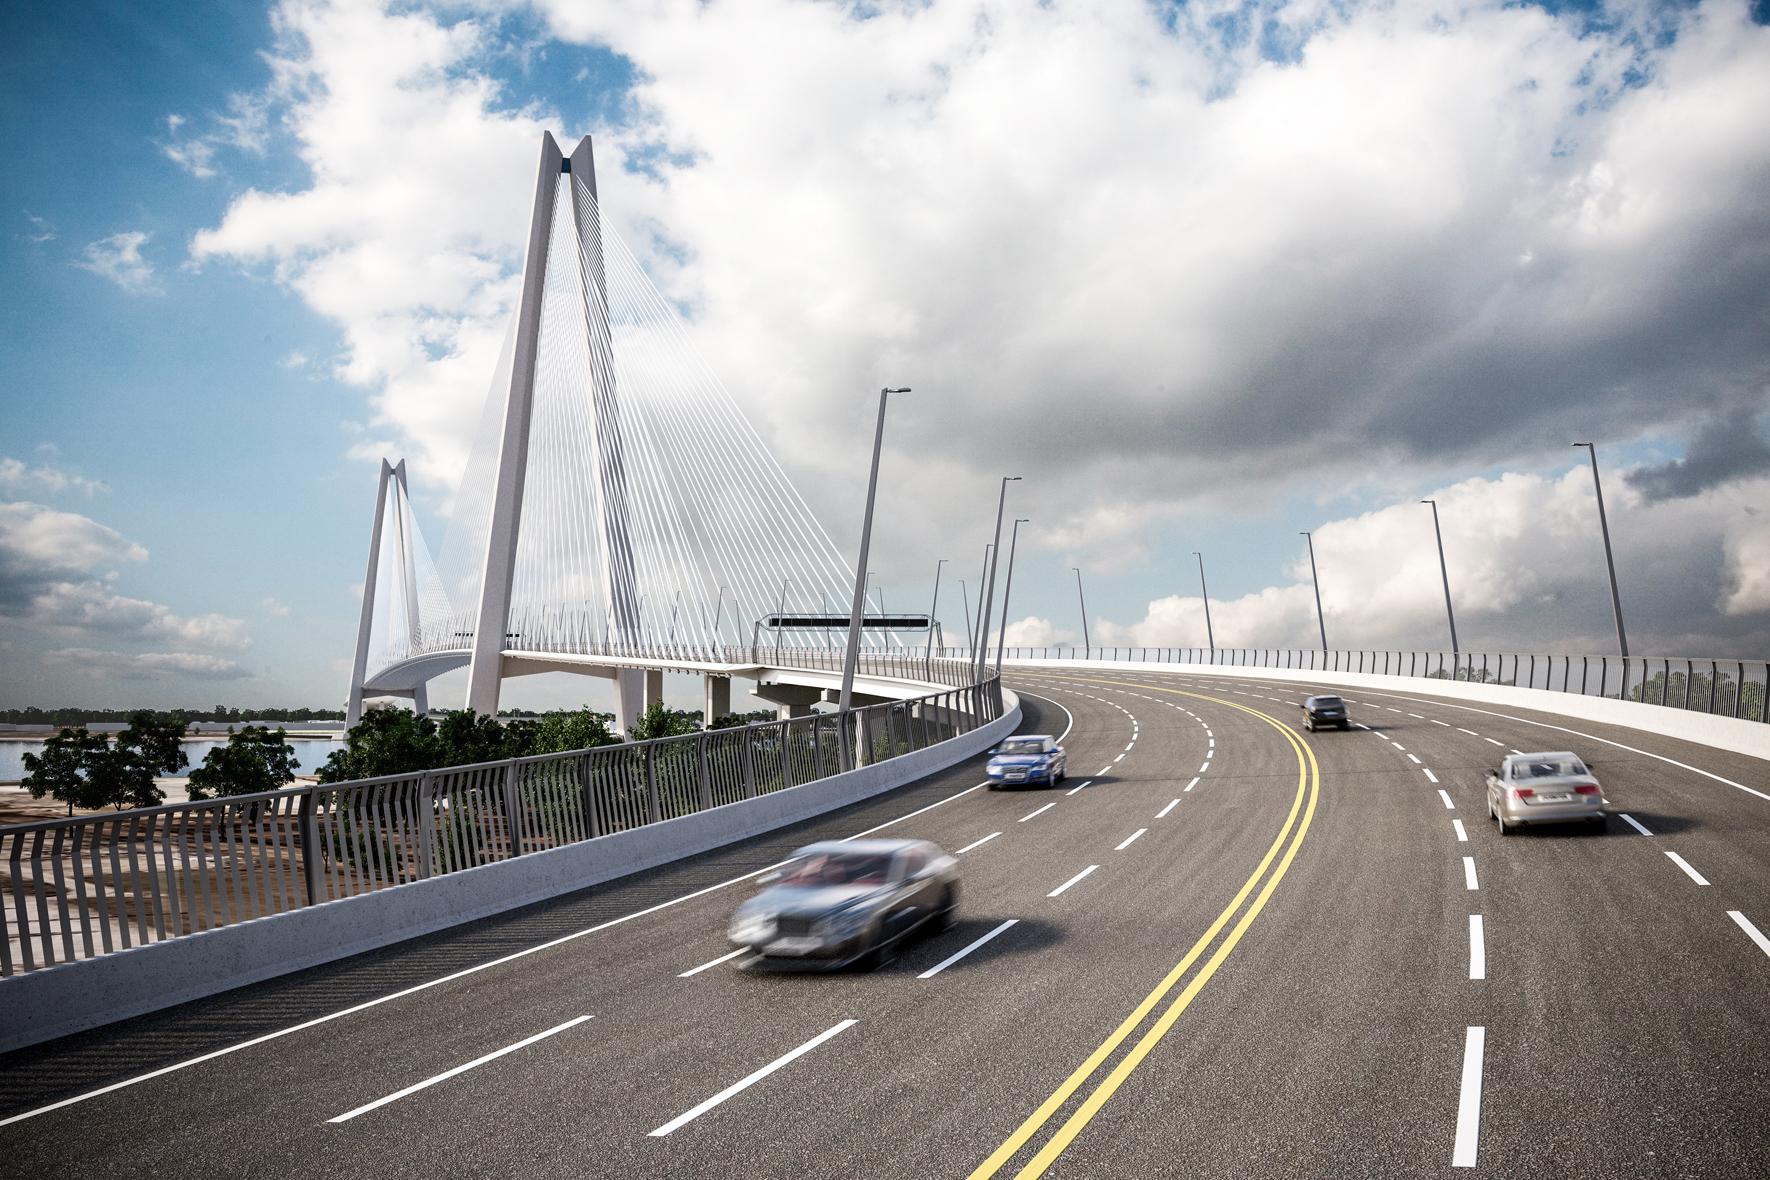 Gordie Howe International Bridge